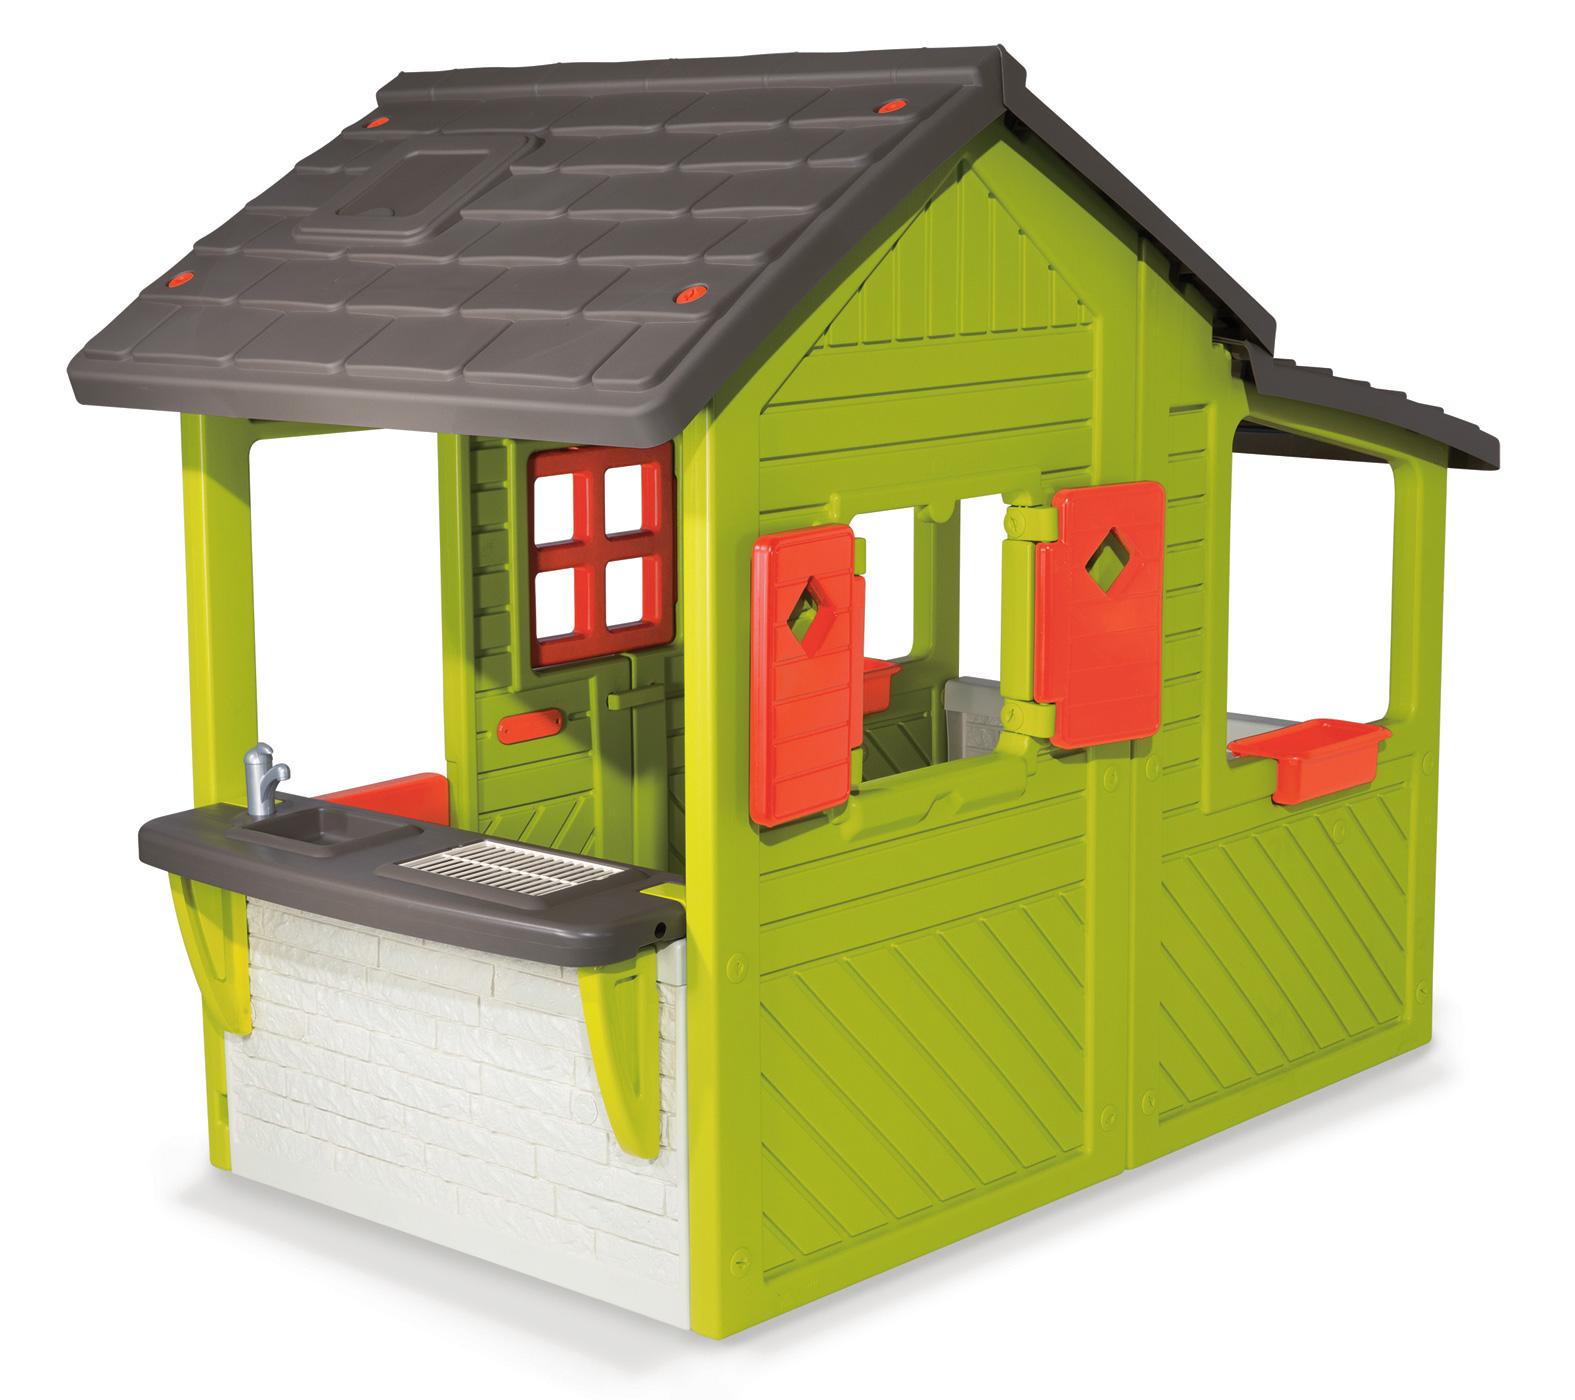 8deb7a2764295 Smoby detský záhradný domček Floralie. Jedinečným prvkom domčeka je aj  zvonček na dverách a polovičné dvere. Výška otvoru dverí na domčeku je 100  cm.